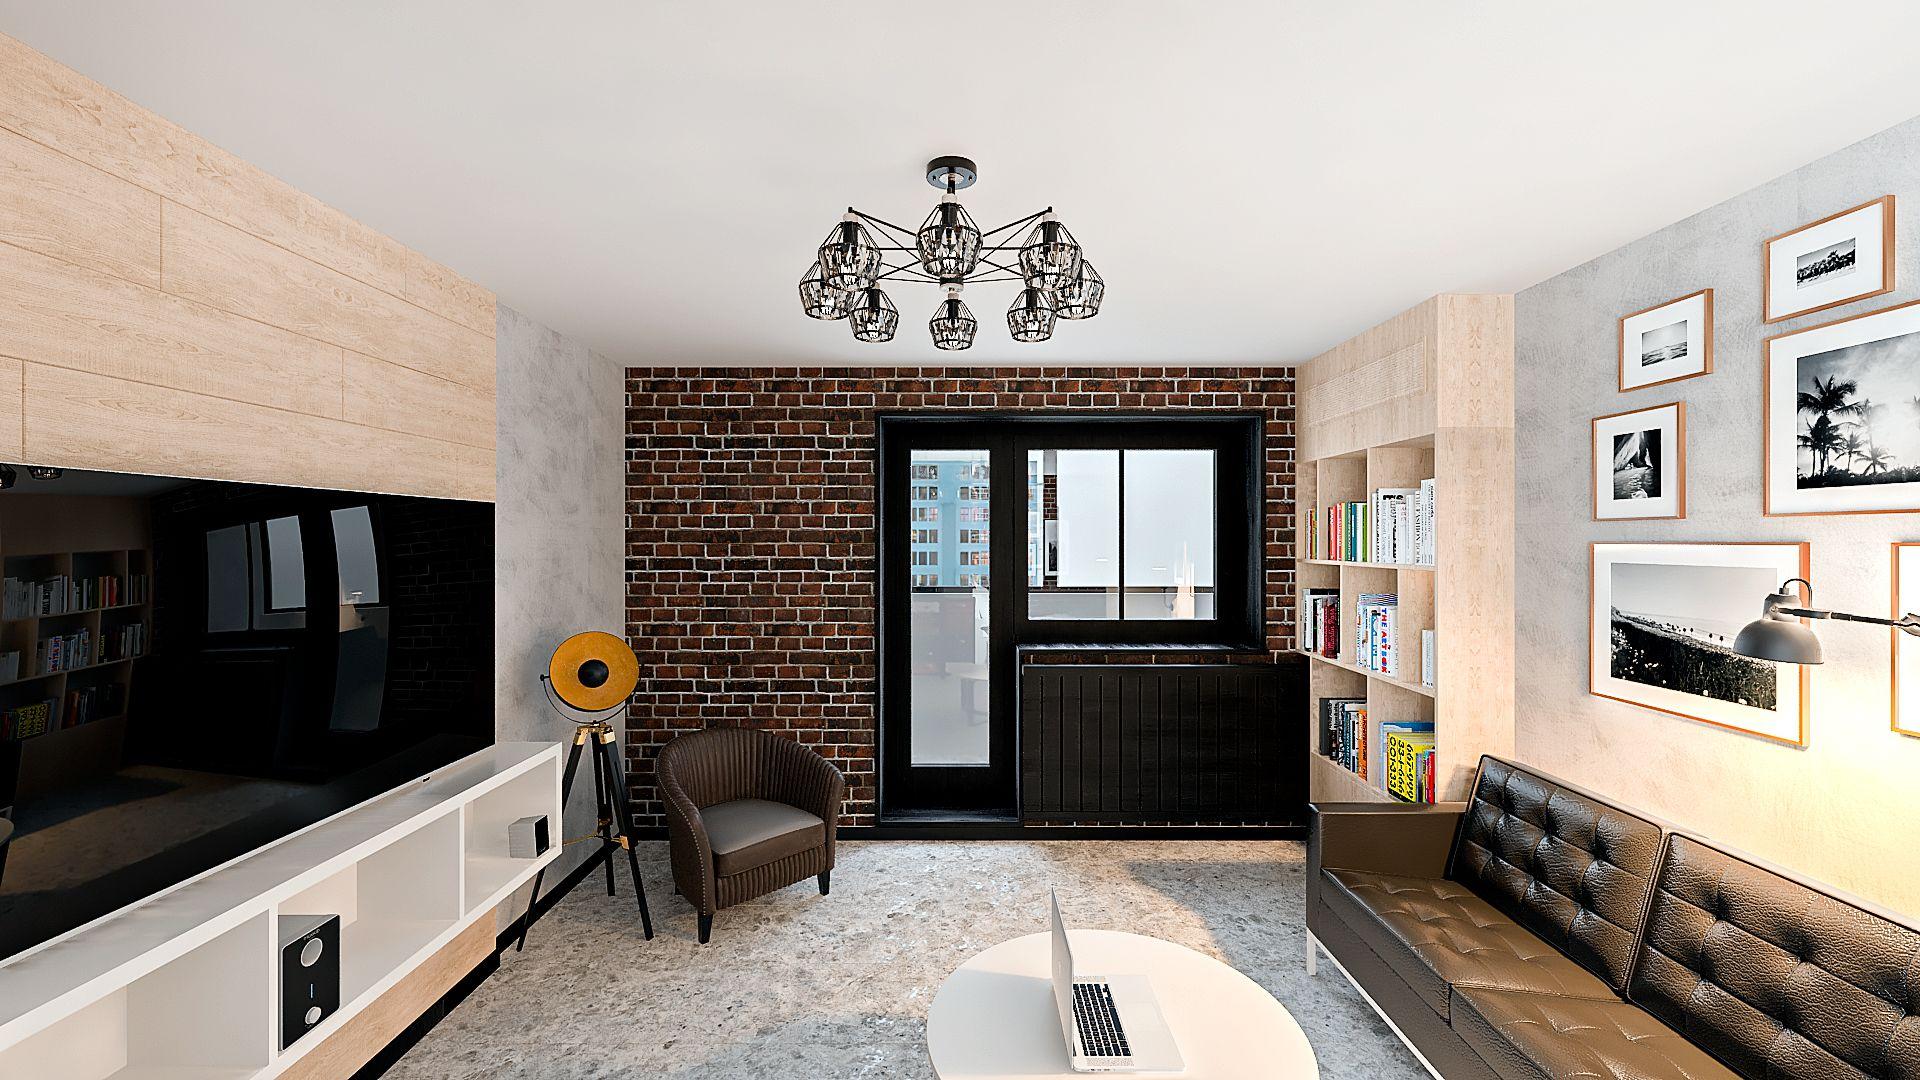 Дизайн однокомнатной квартиры в Гомеле, Гостиная - спальня в стиле лофт в квартире изображение 1